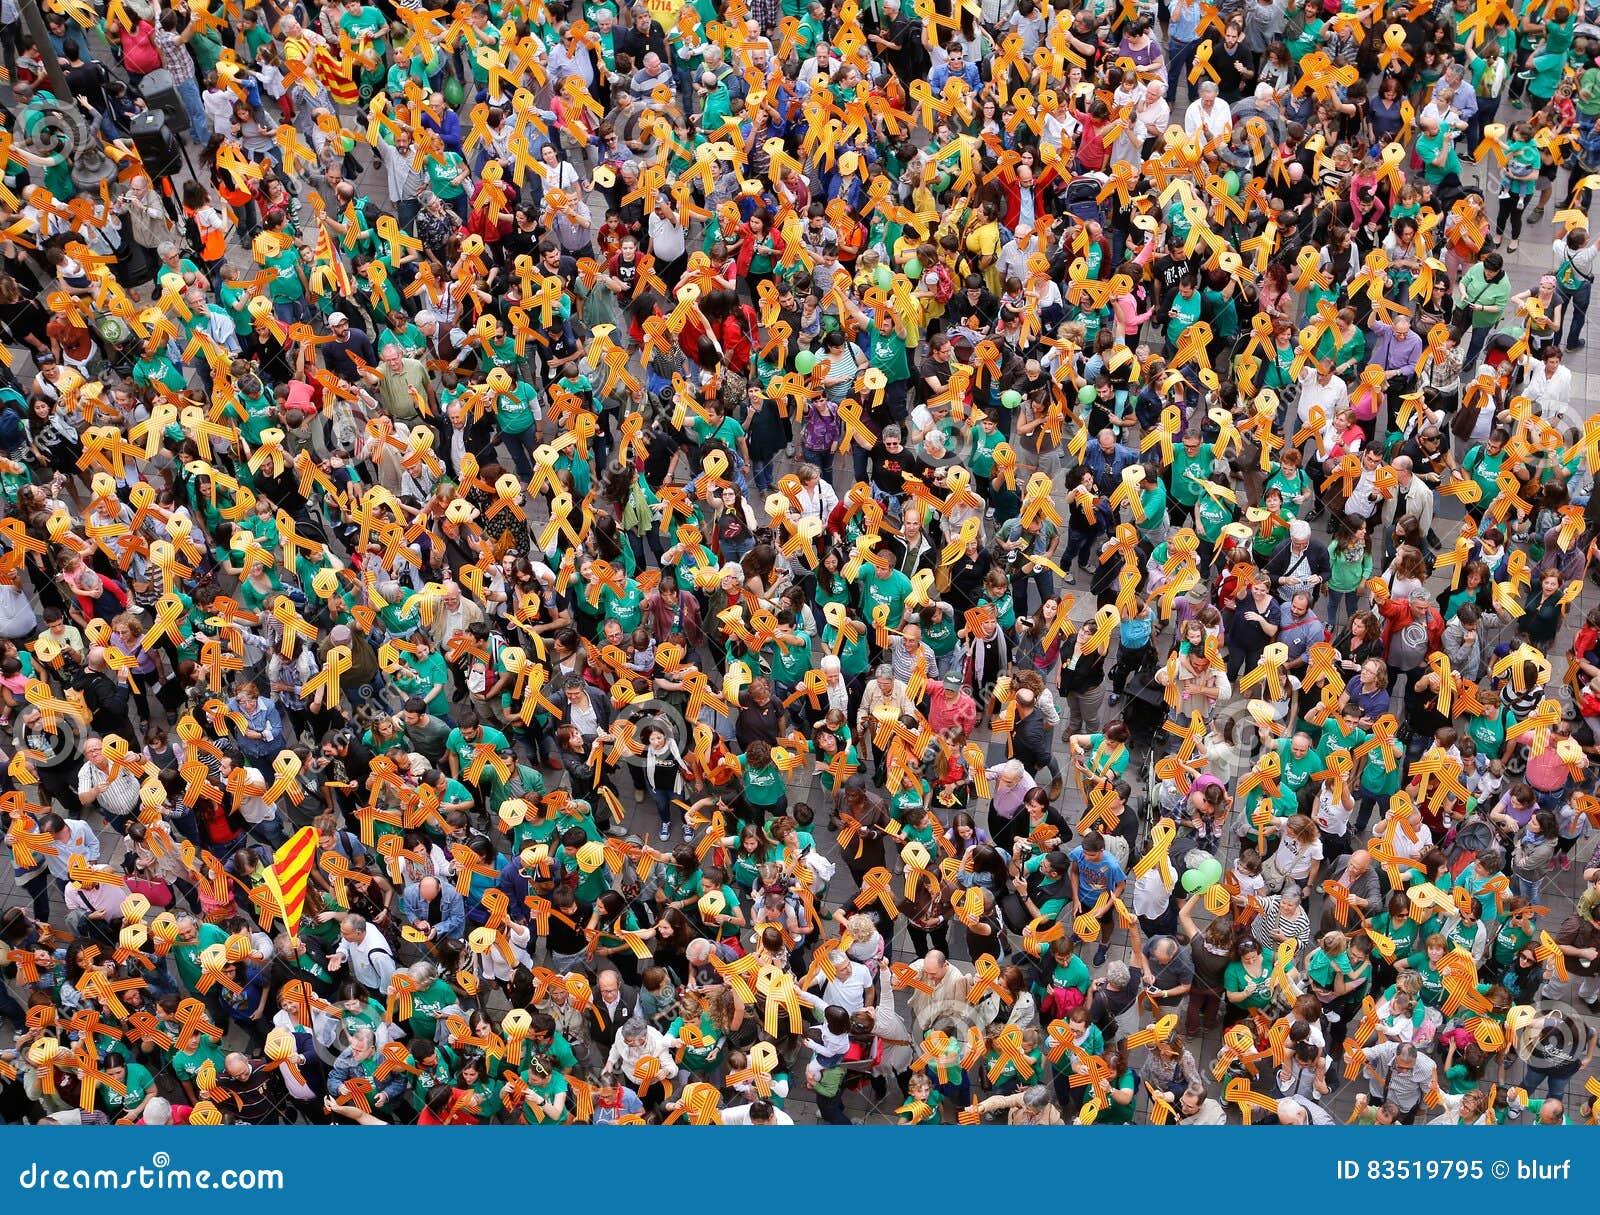 Visión aérea sobre los manifestantes favorable Cataluña y cultura y lengua catalan en la isla española de Mallorca